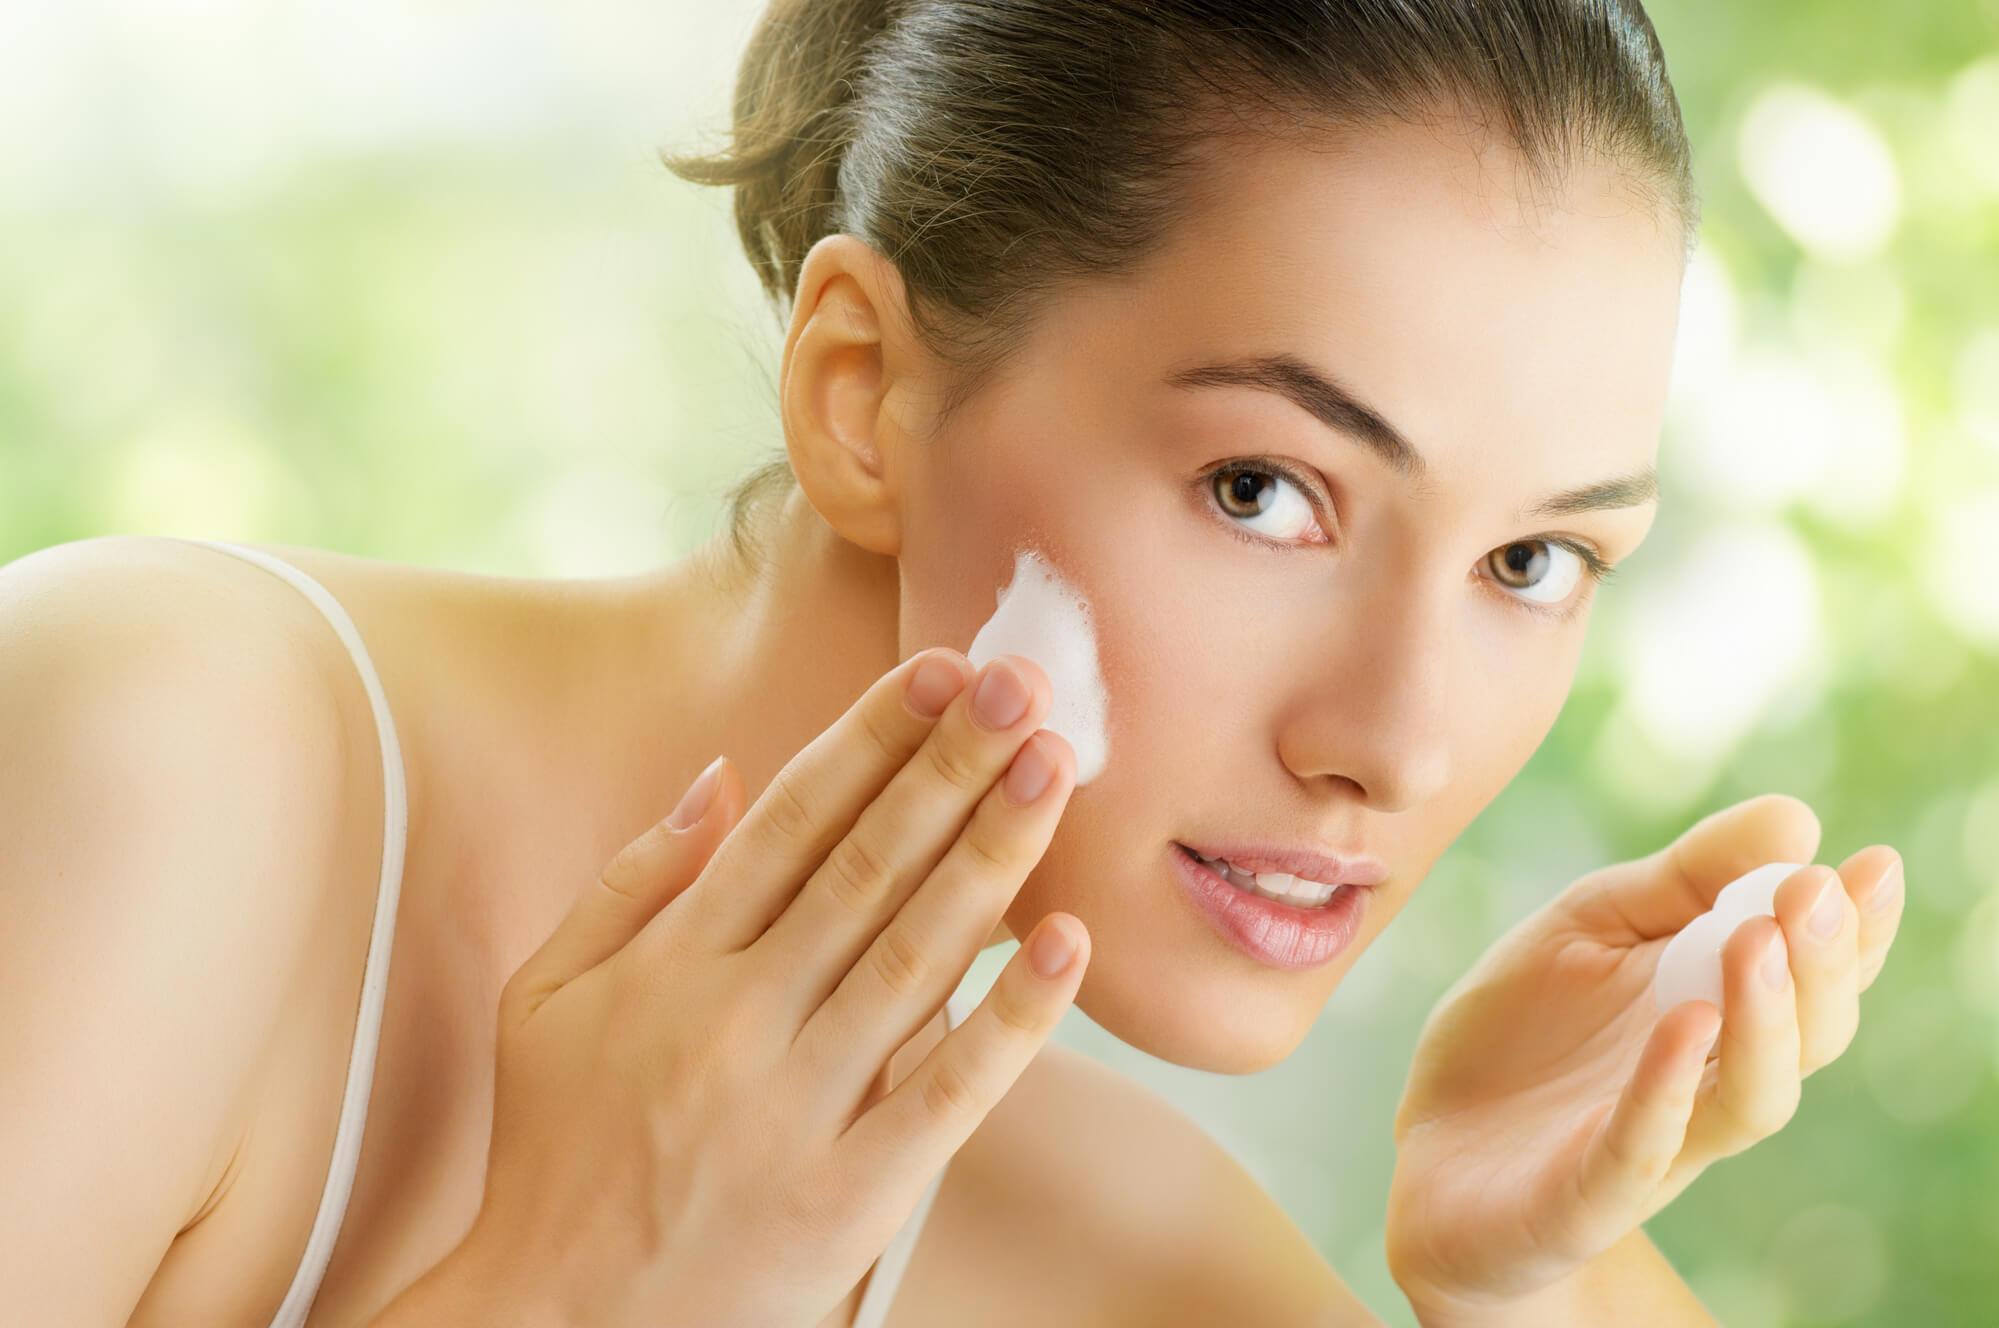 すこやかな肌へと導く。おすすめの洗顔フォームや選び方を紹介